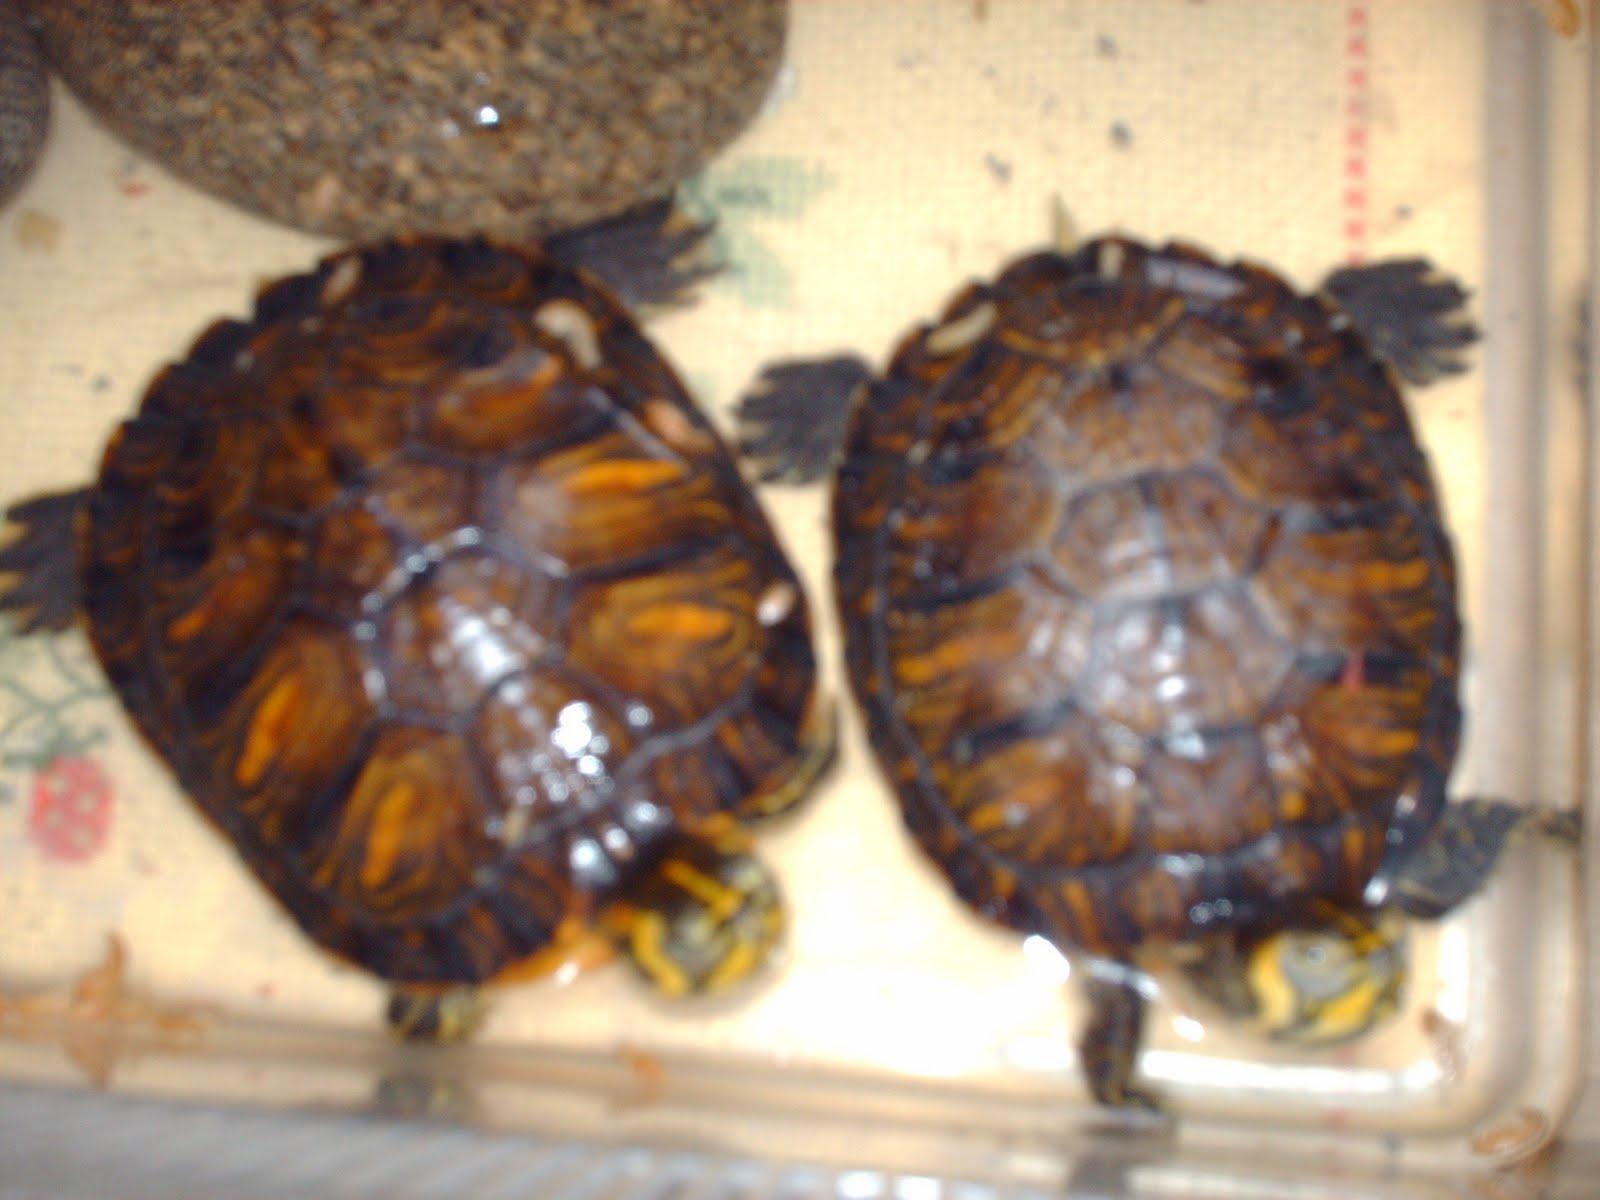 Le nostre tartarughine!